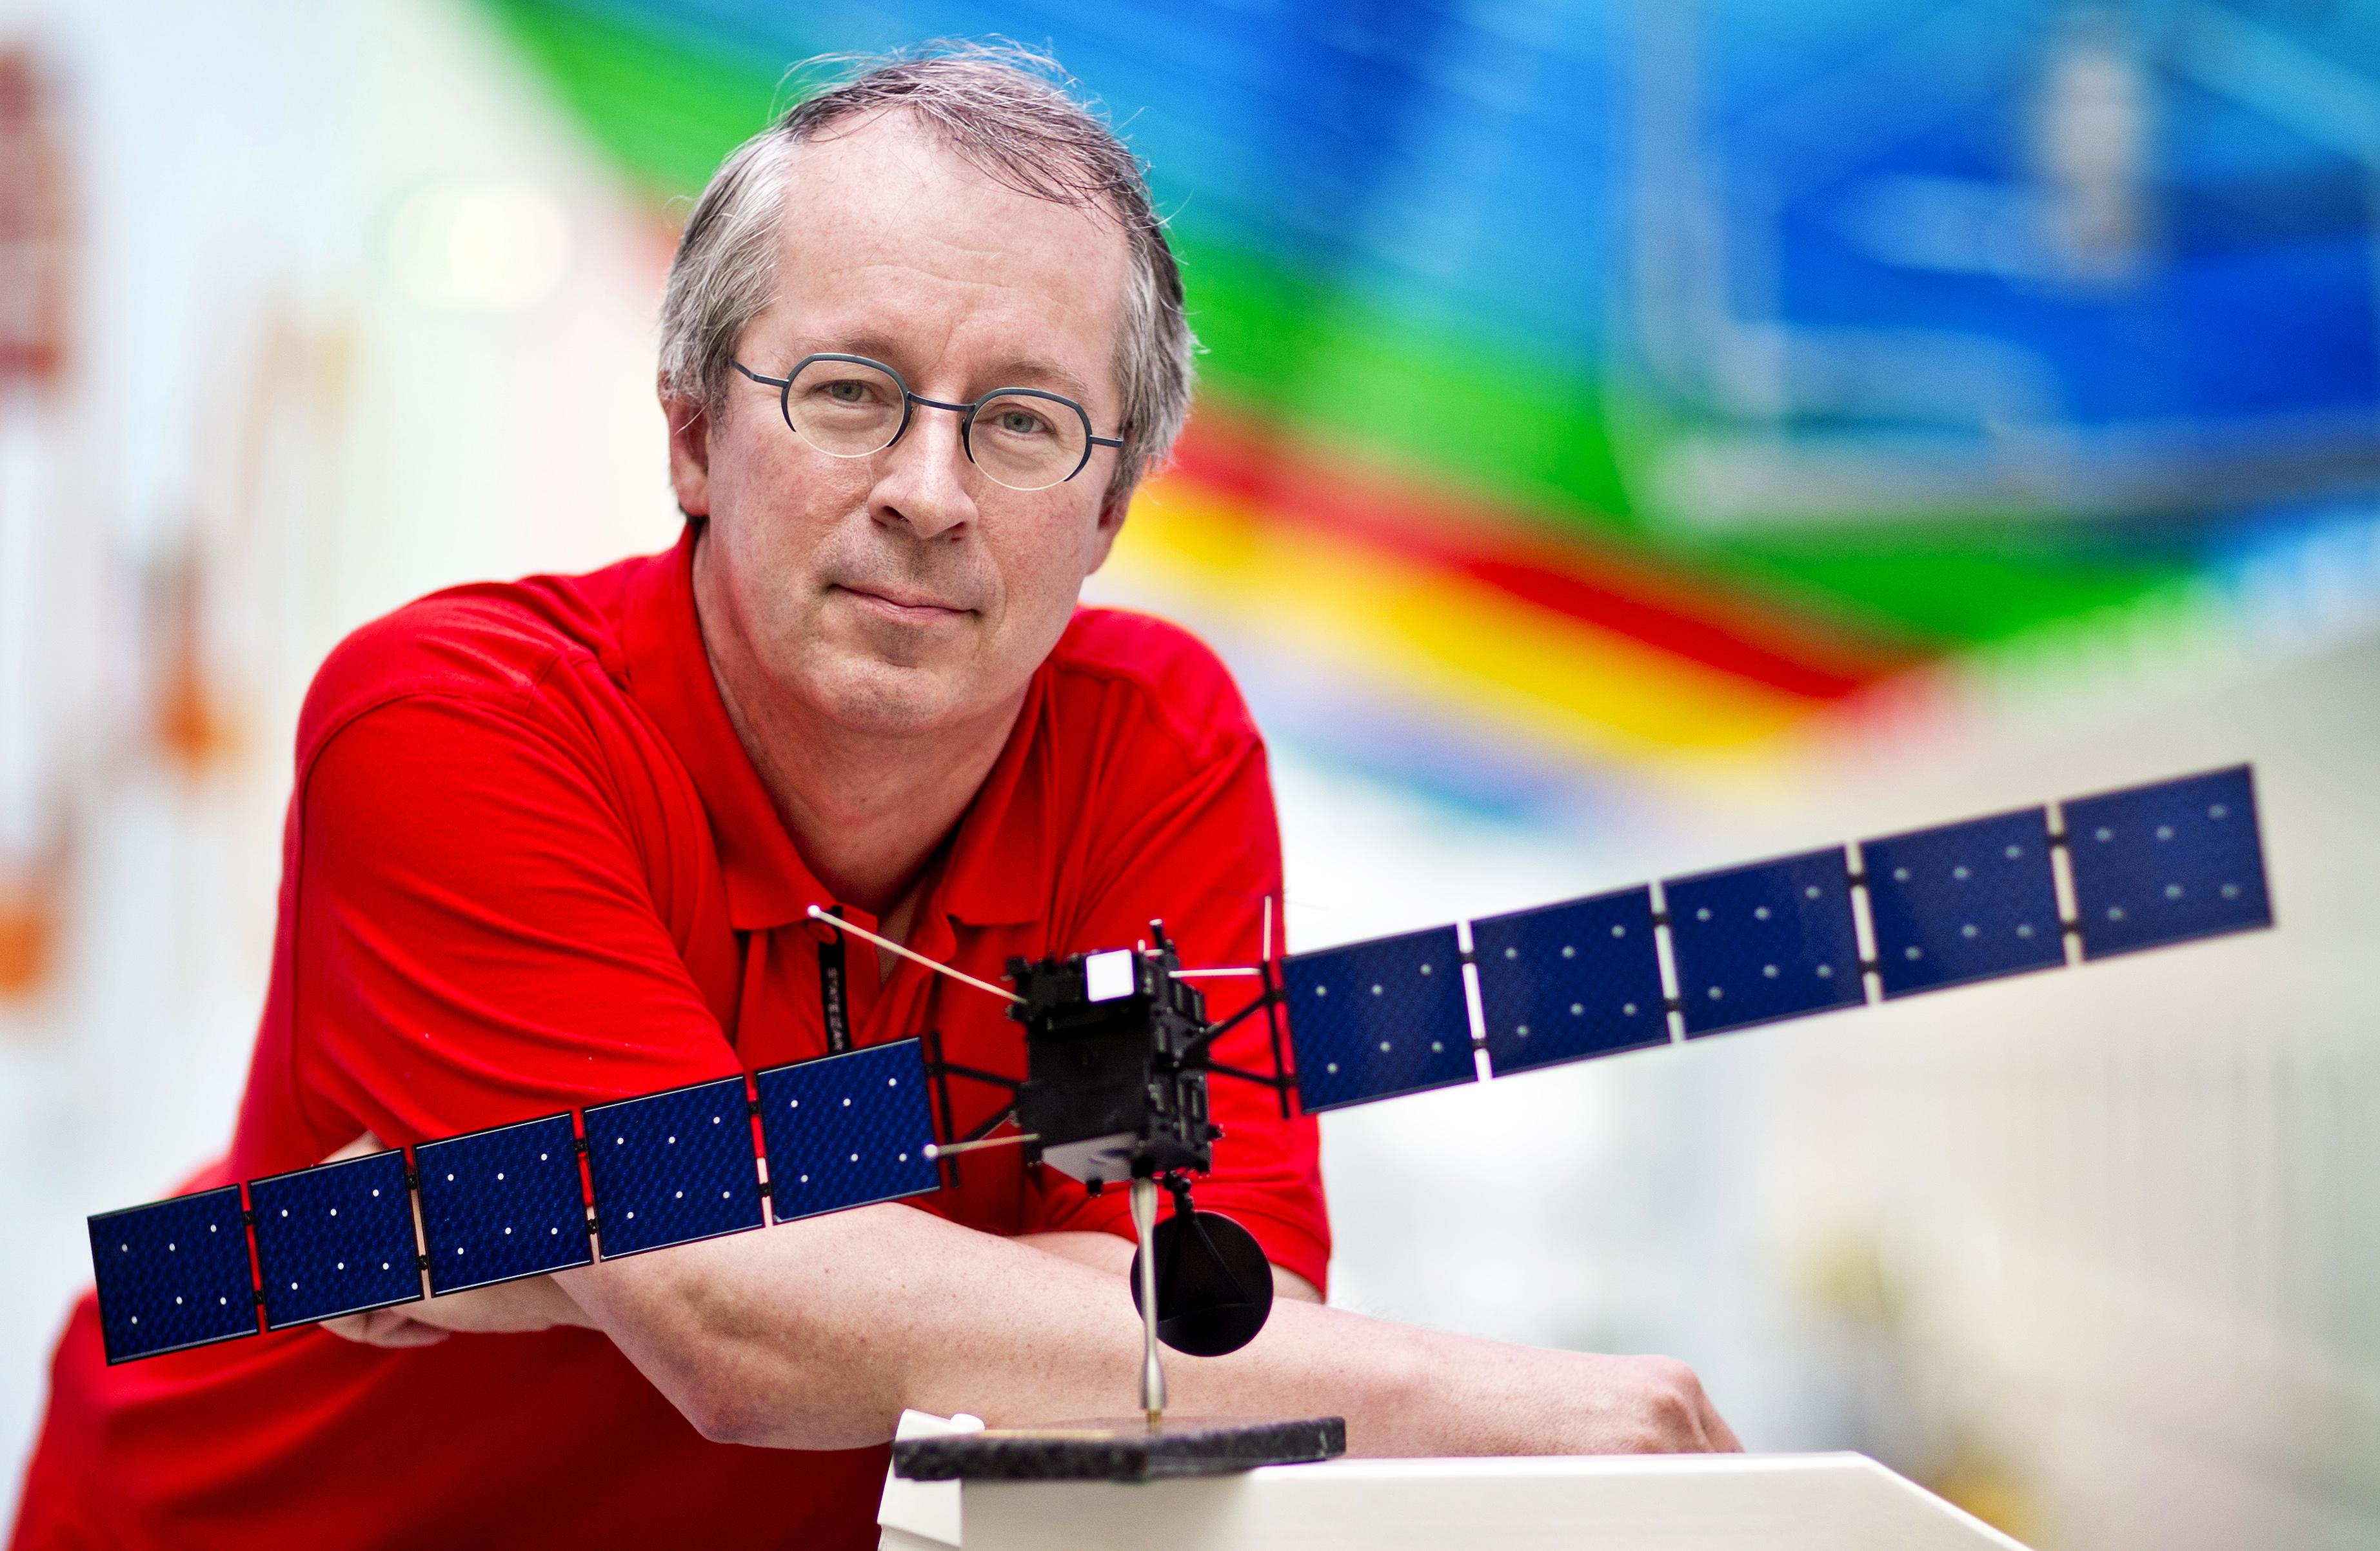 Coordinator van de Rosetta